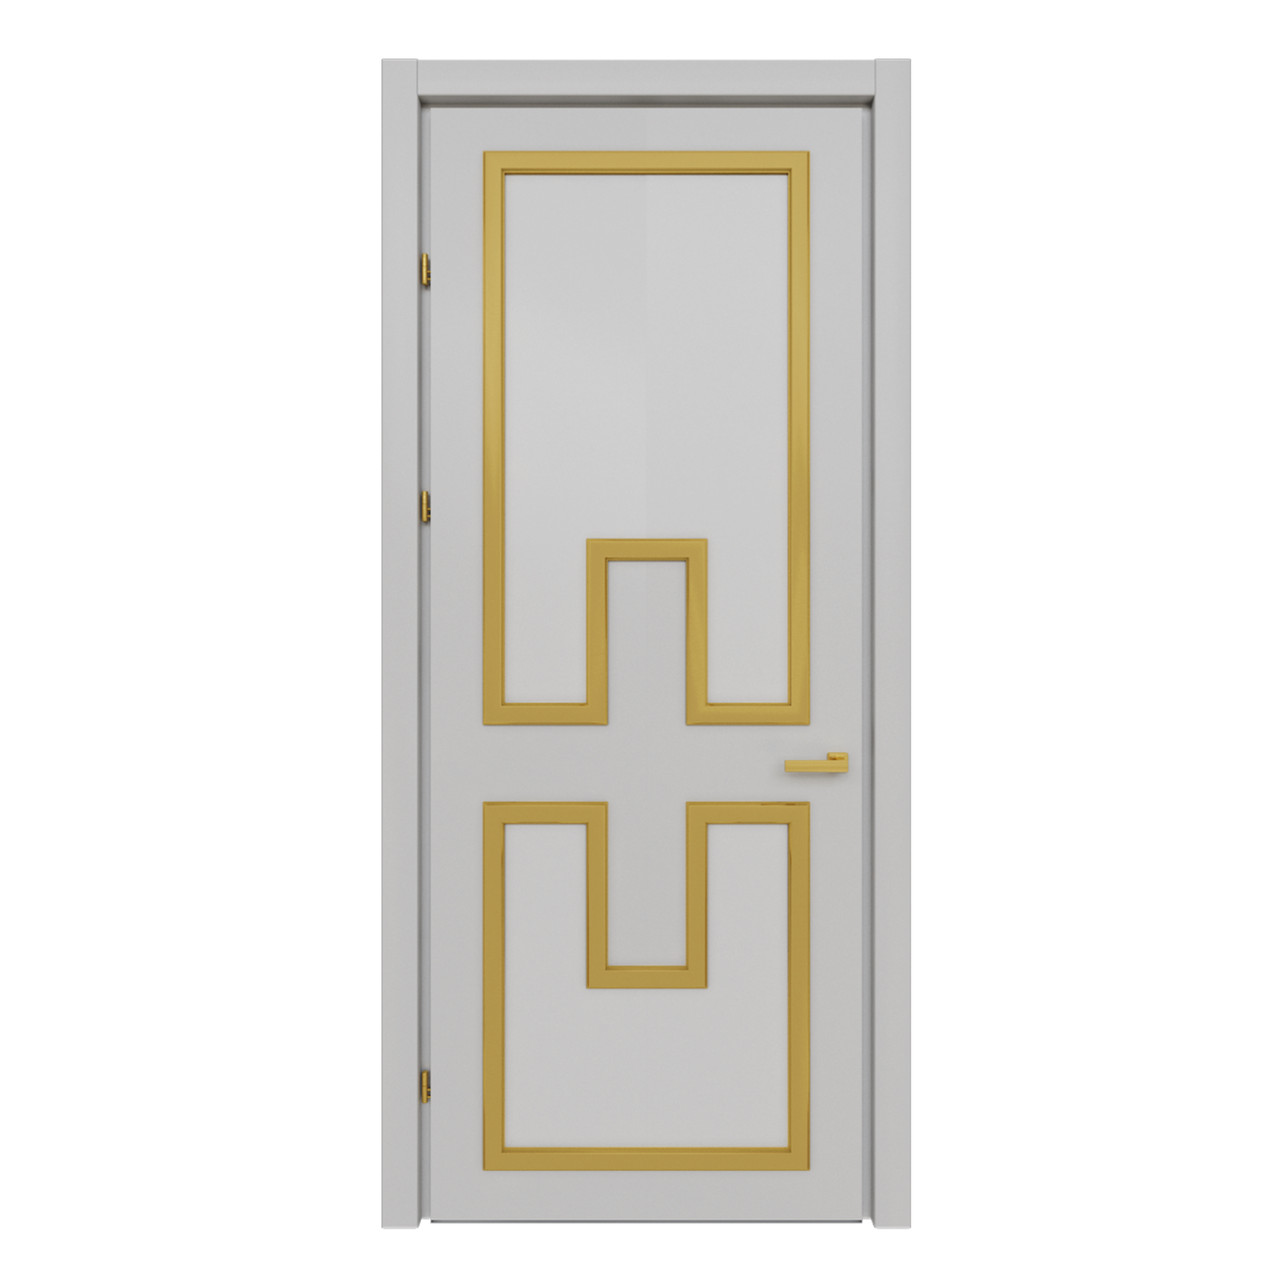 Межкомнатная дверь Casa Verdi Liga 5 из ольхи серая с желтыми вставками